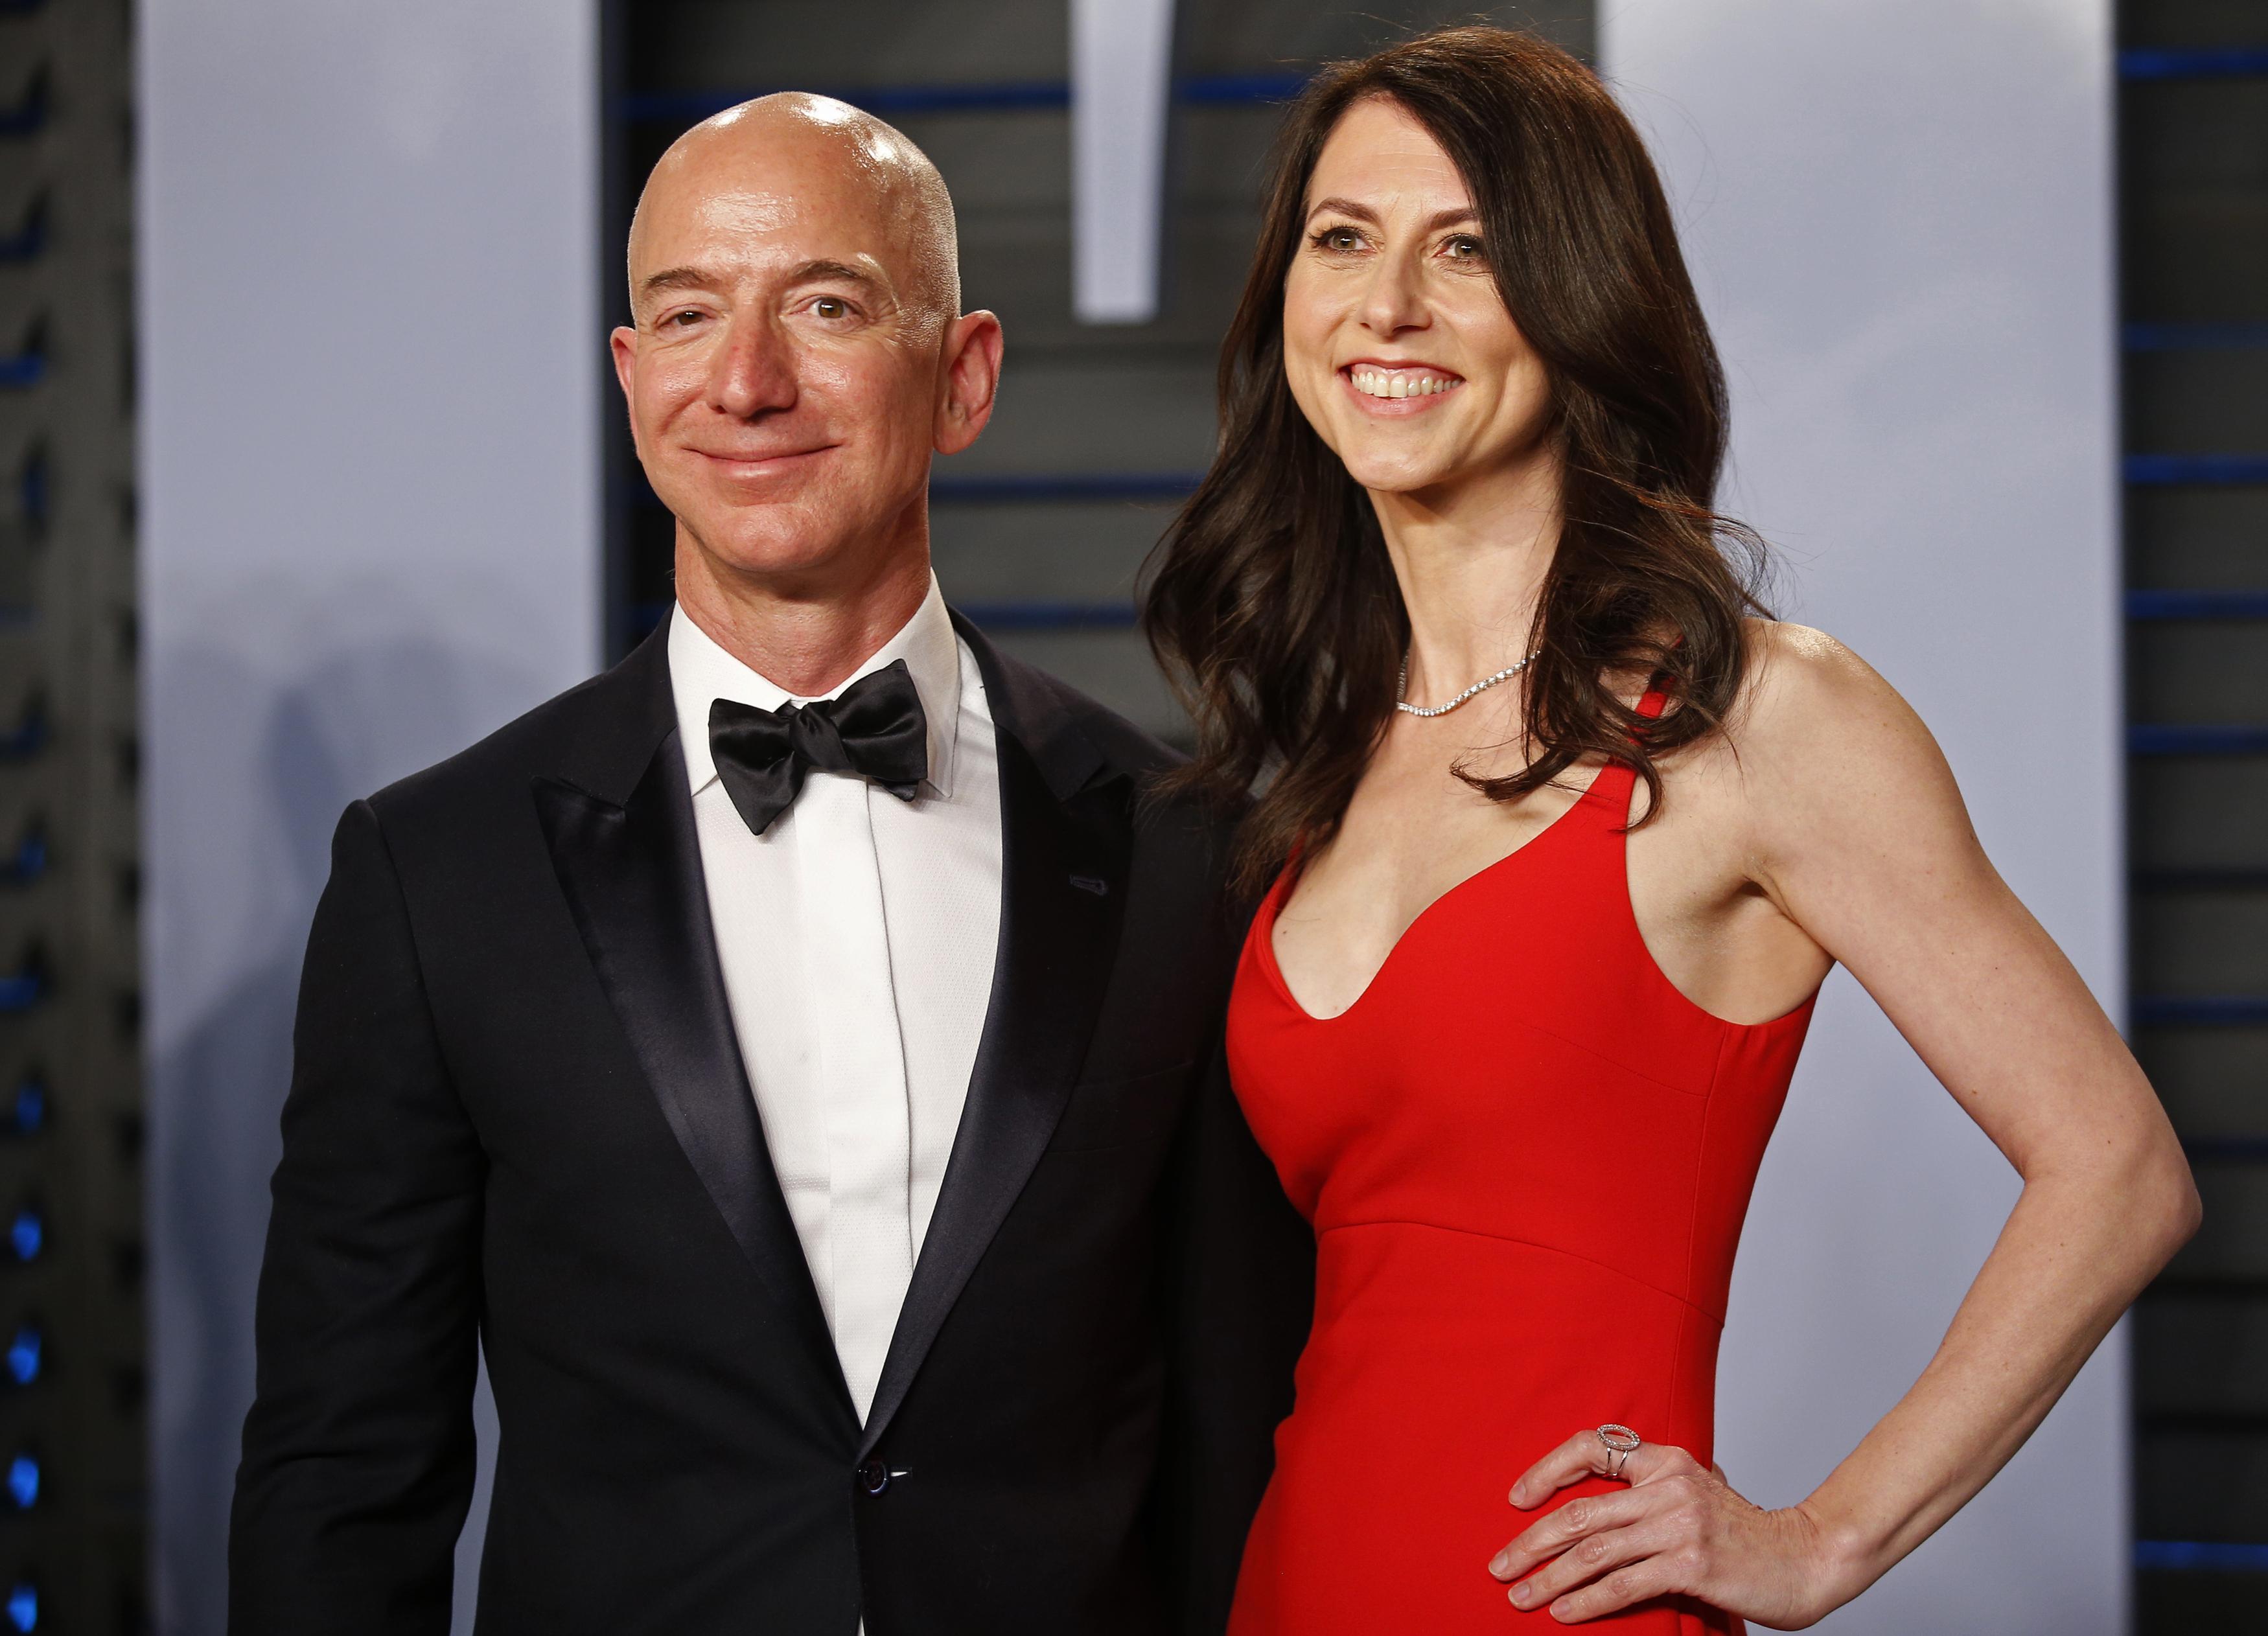 ジェフ・ベゾス氏、アマゾンの議決権は維持 離婚調停が成立 - ロイター